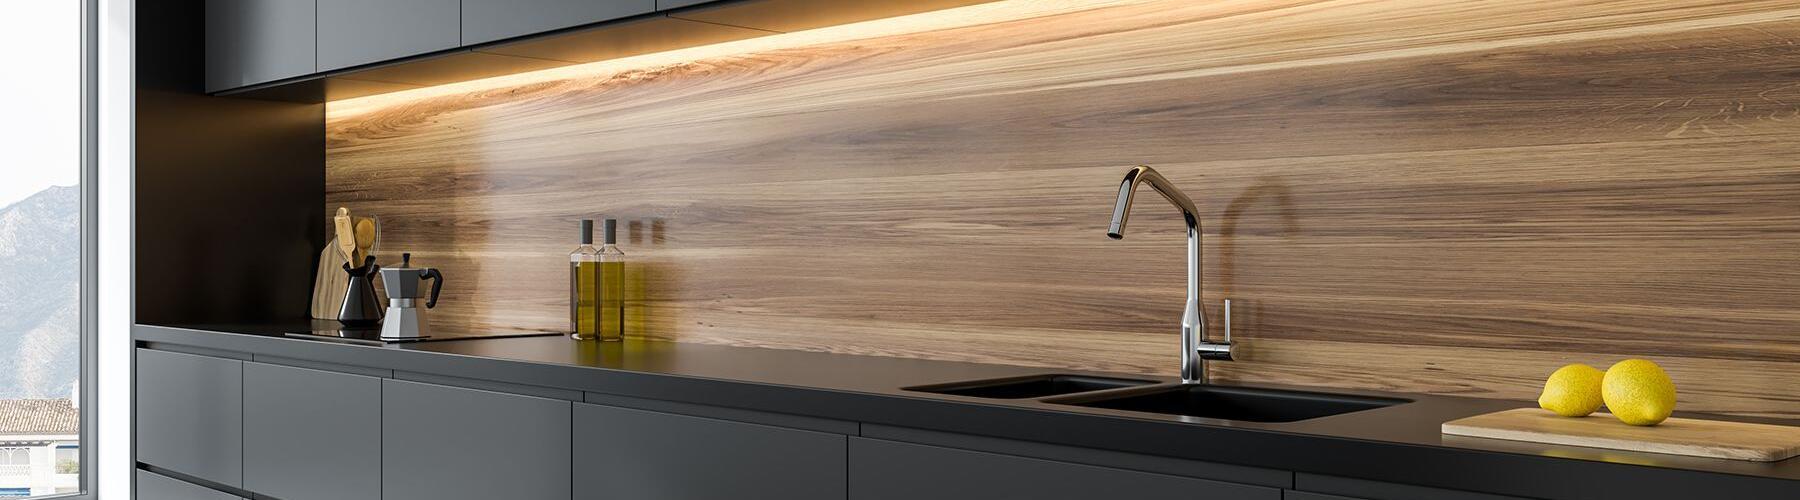 IFC-Folientechnik-Küchenfolierung-schwarz